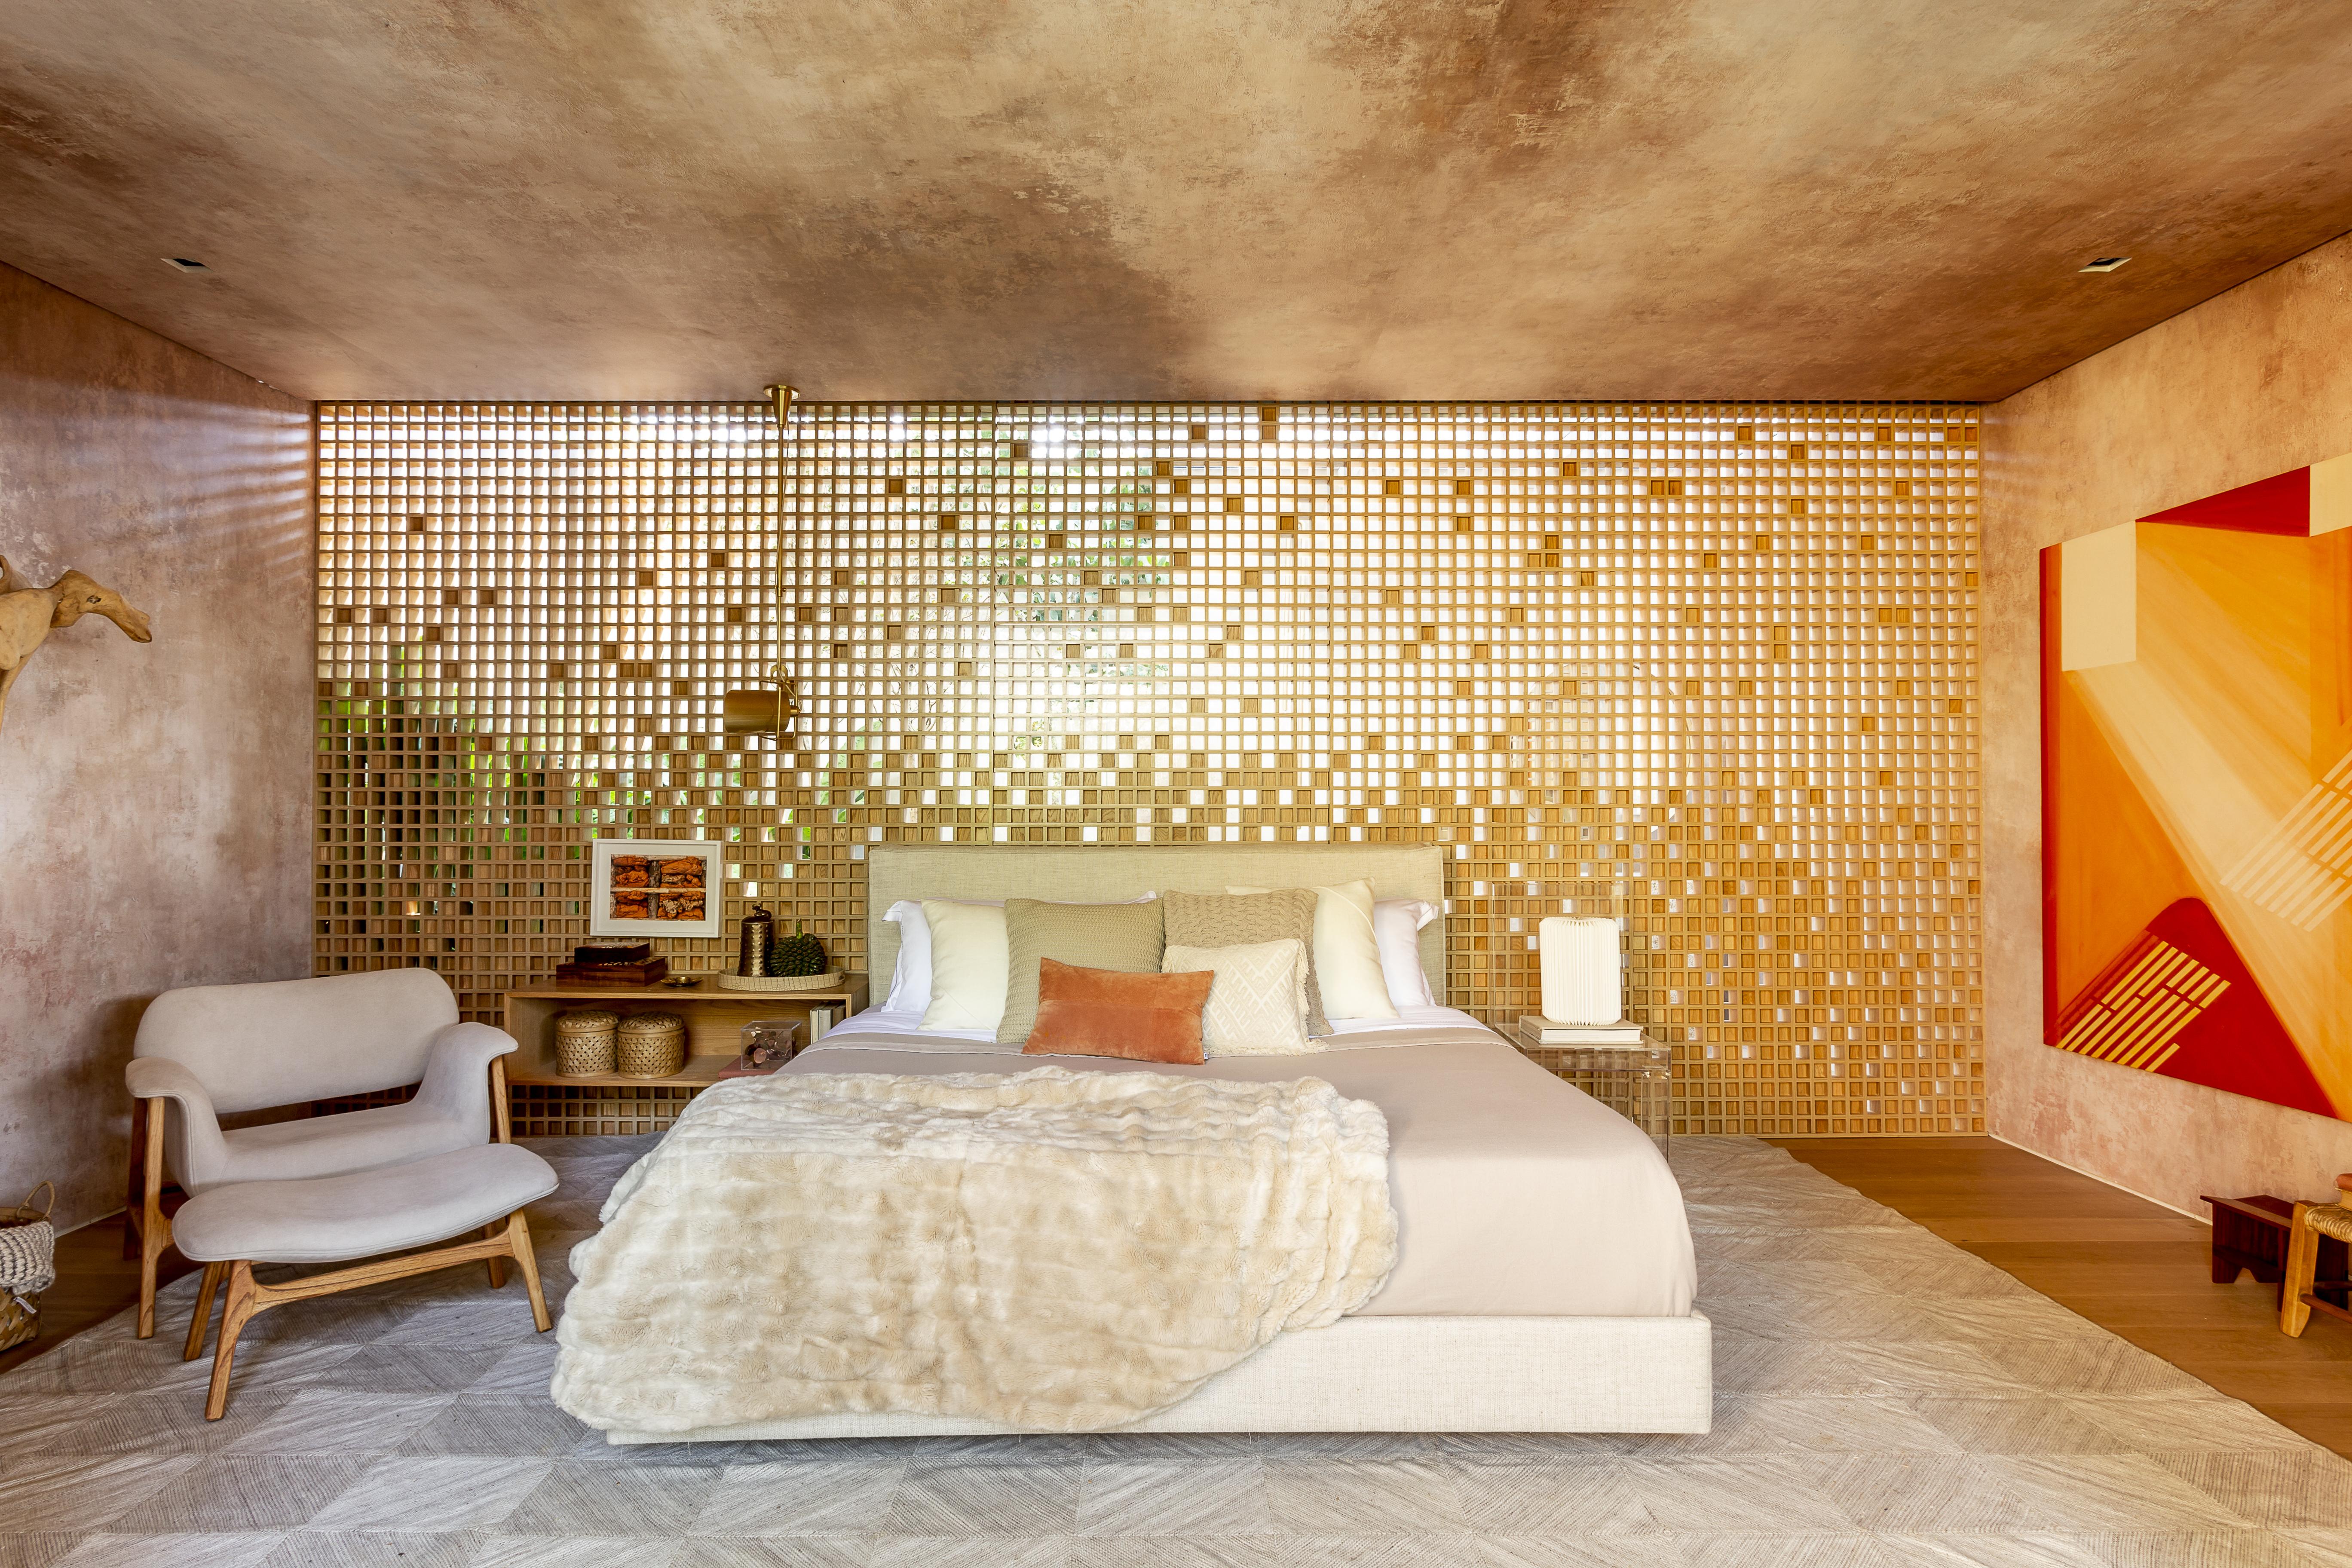 casacor sao paulo quarto cama madeira decoracao casa arvore suite